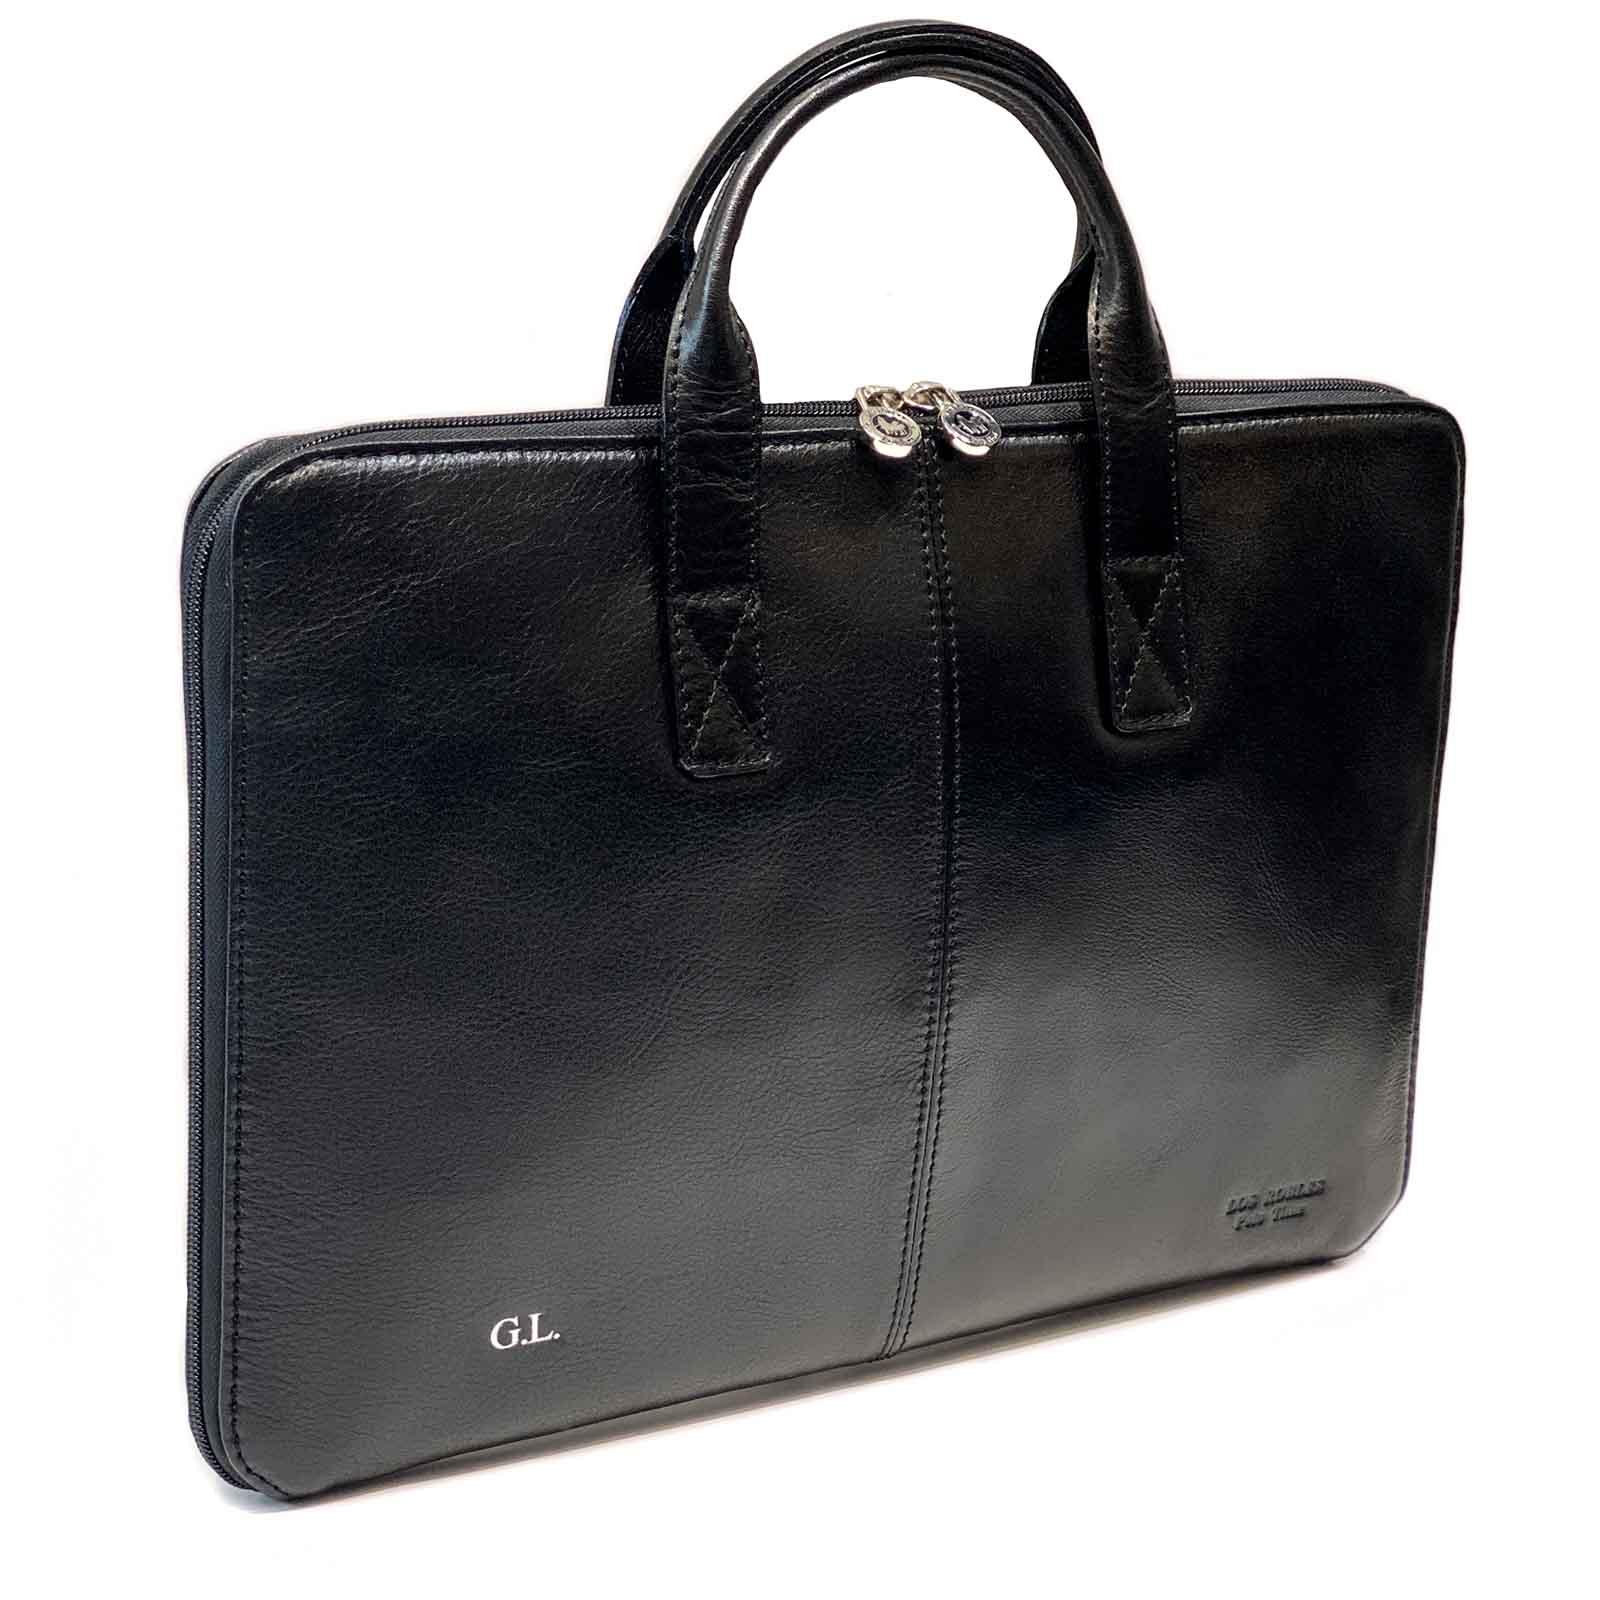 maletines-de-cuero-personalizados-portafolios-hombre-mujer-porta-notebook-108901.jpg